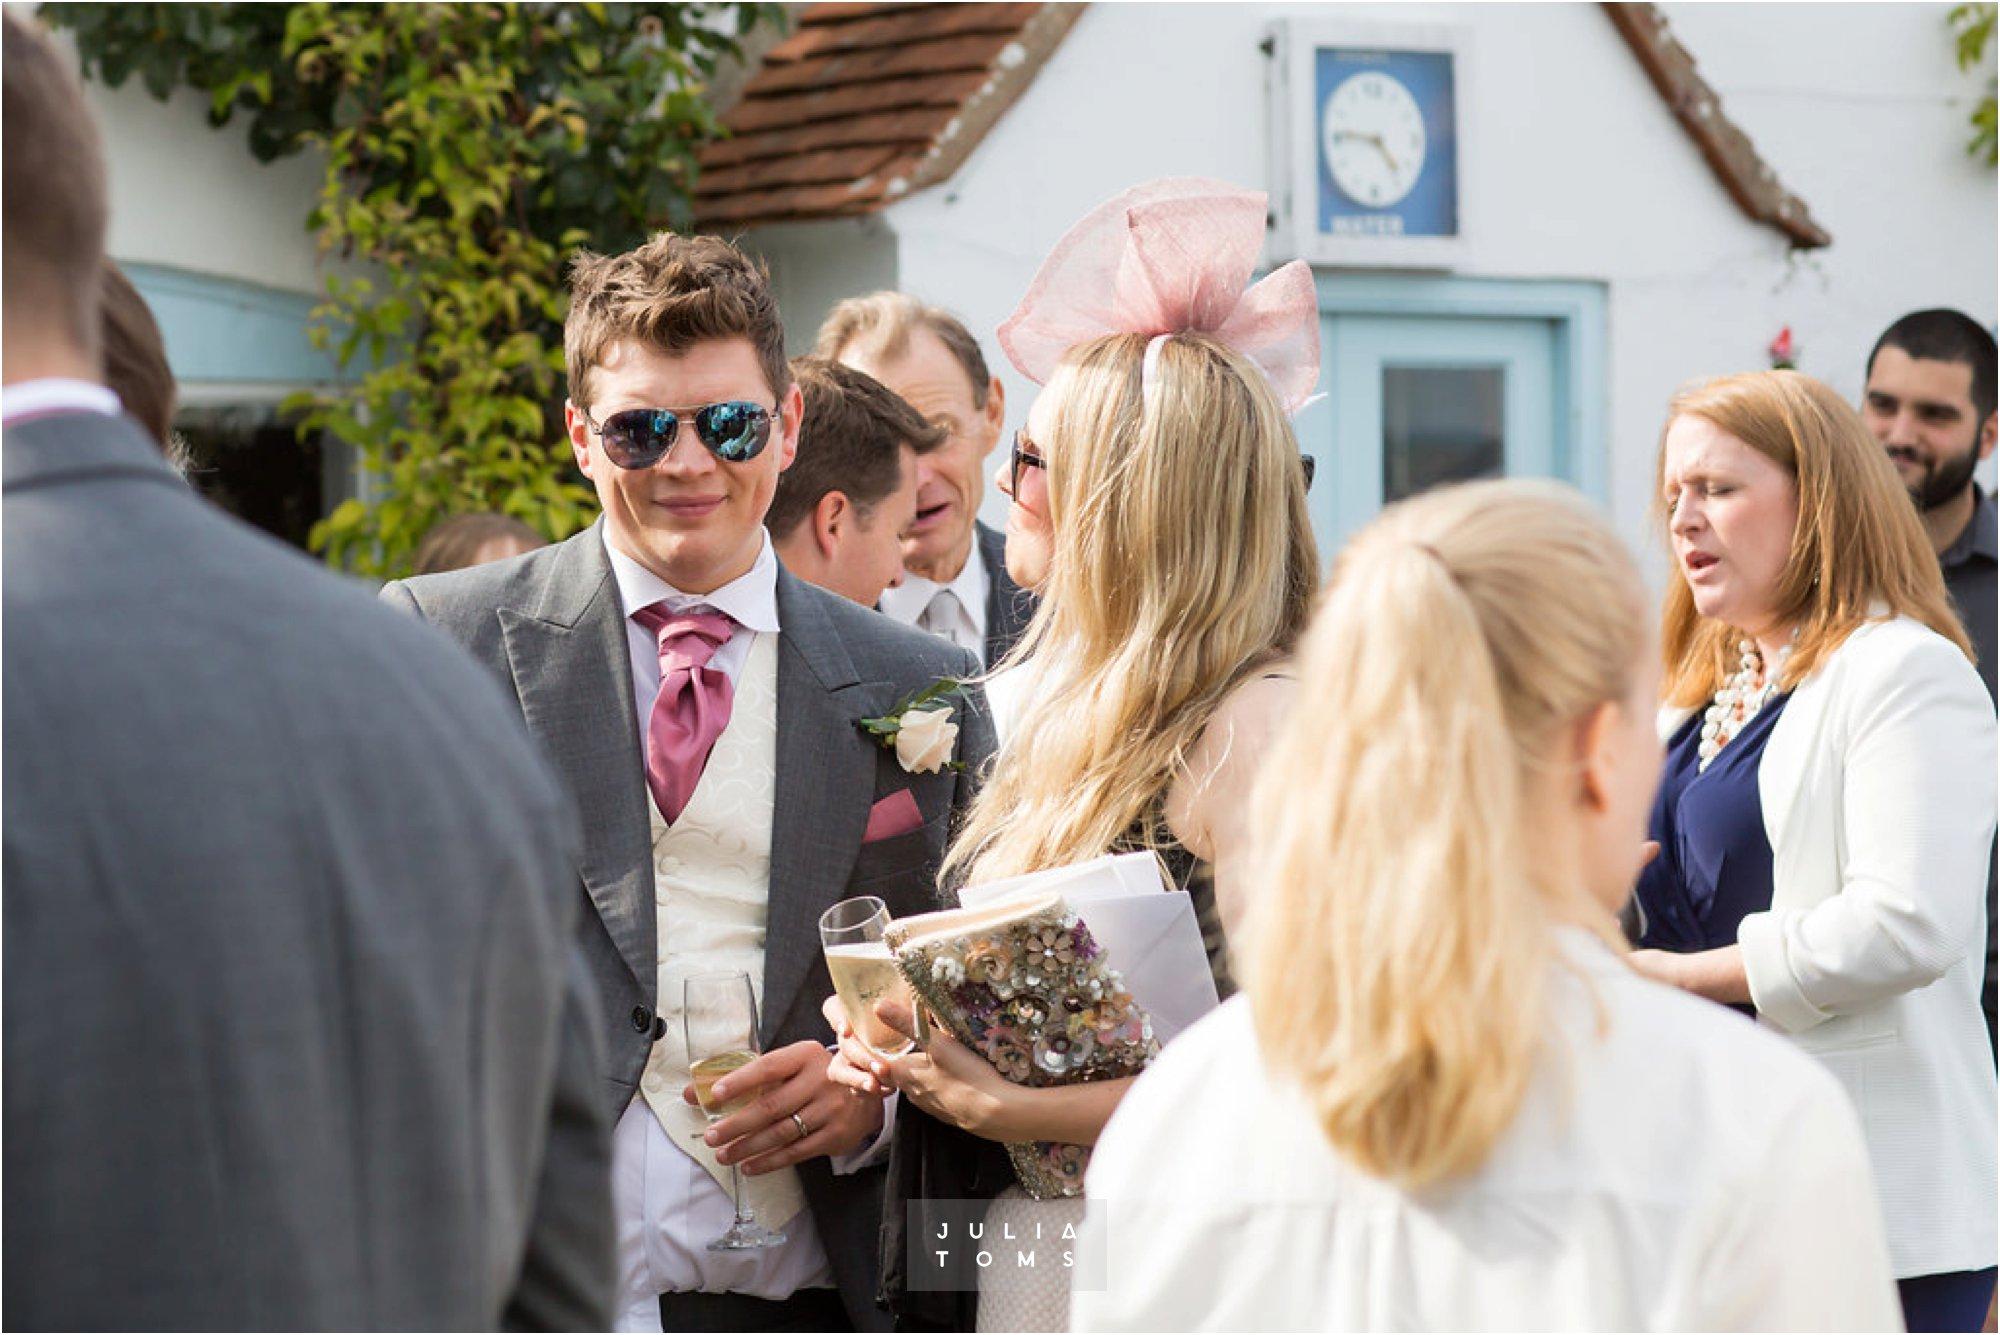 itchenor_wedding_chichester_photographer_053.jpg